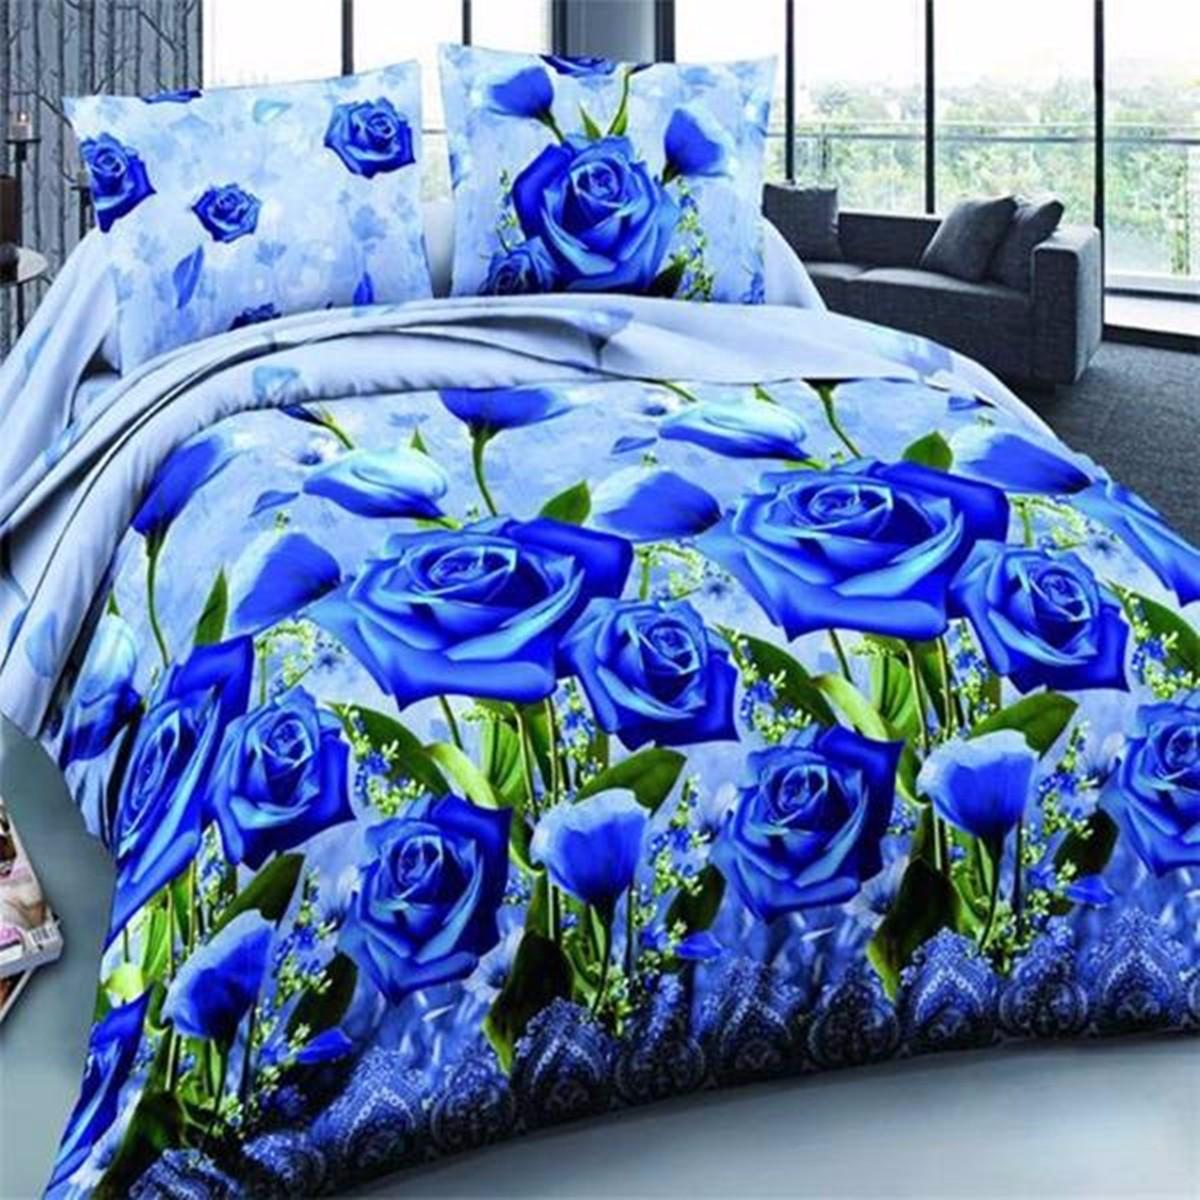 4Pcs 3D Blue Enchantress Печатные наборы для постельного белья Одеяло Обложка для постельного белья Наволочки